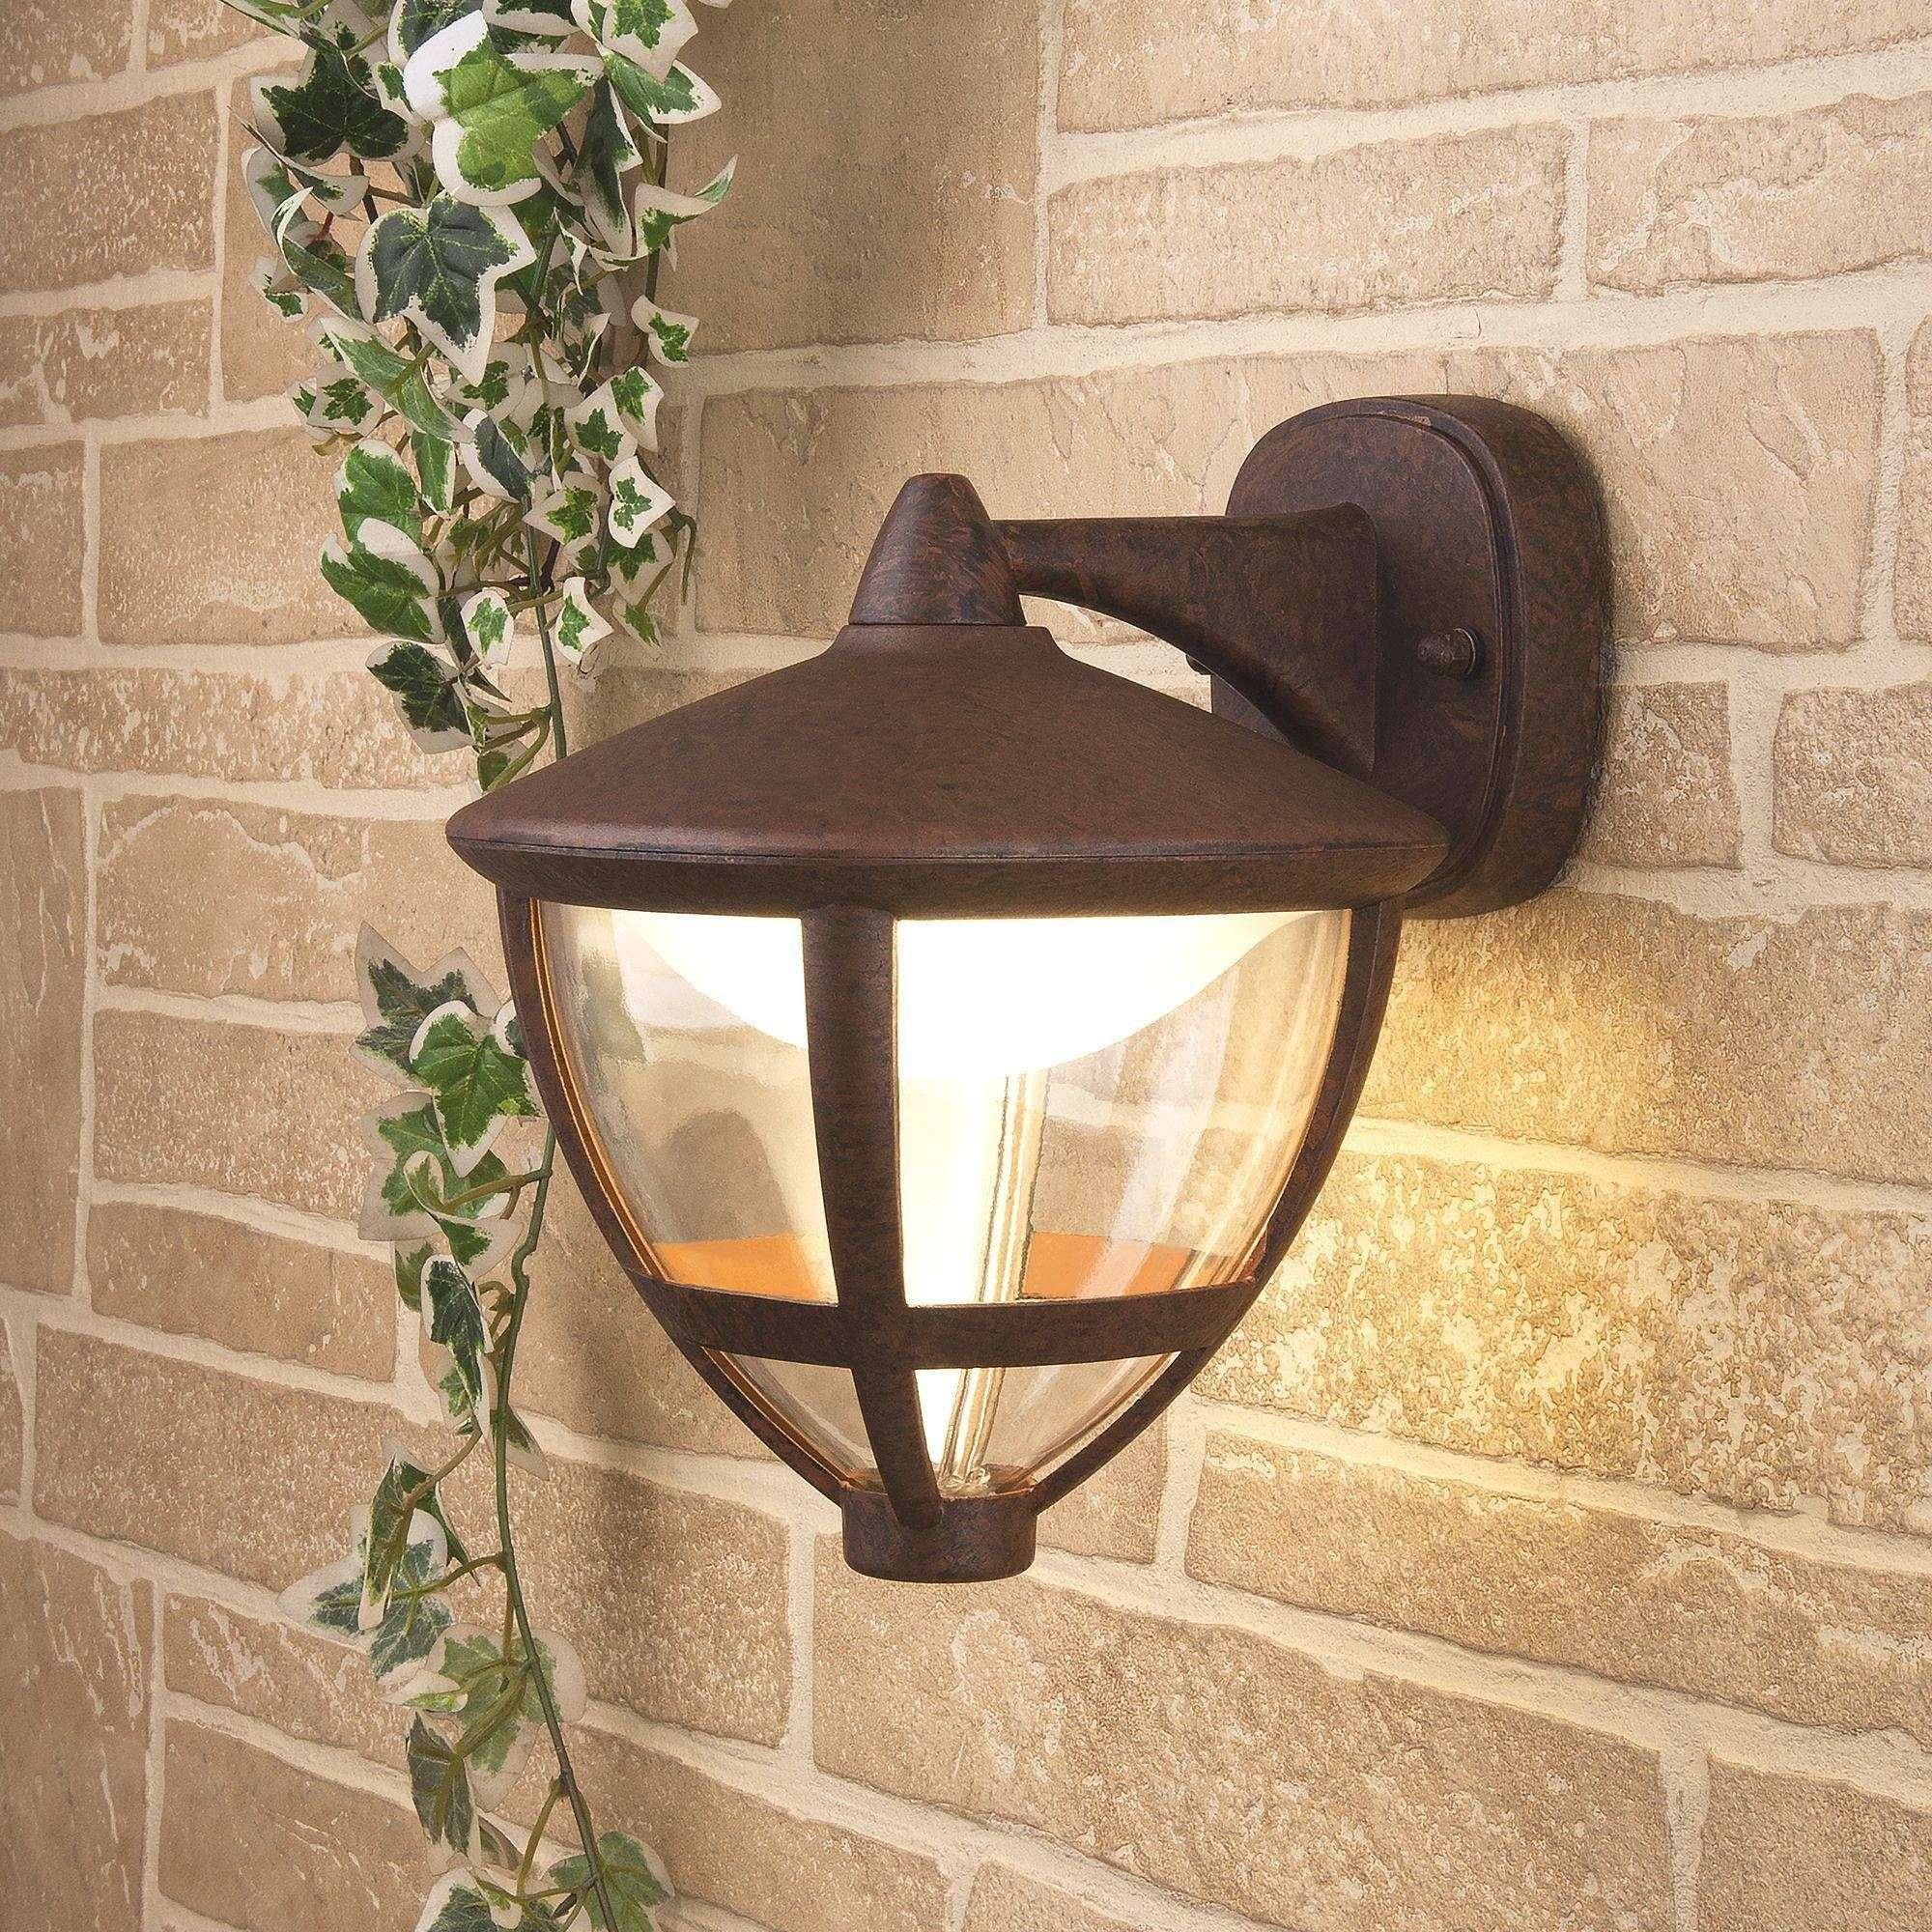 Уличный настенный светодиодный светильник Gala D брауни GL LED 3001D